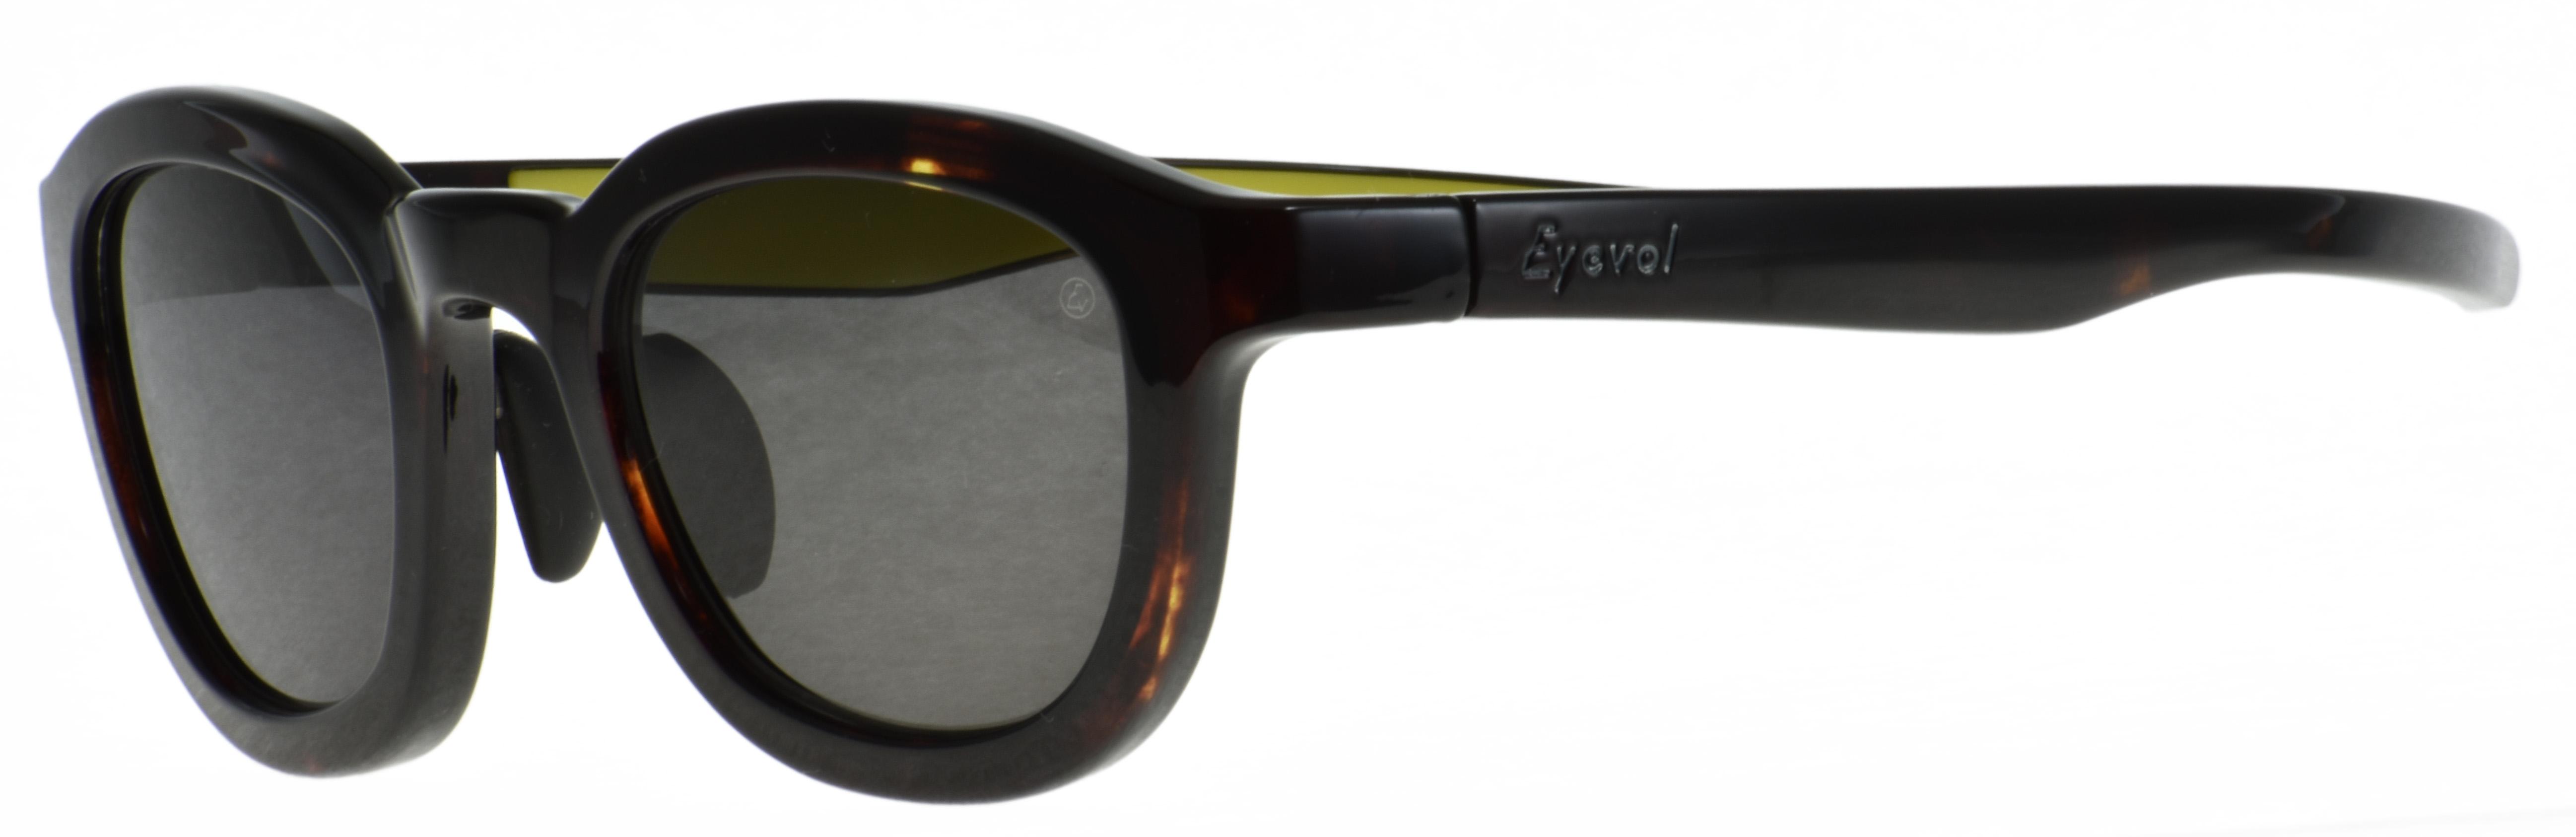 Eyevol RYS 2 48 DM-LY-PL-BK PL ¥22,000 02